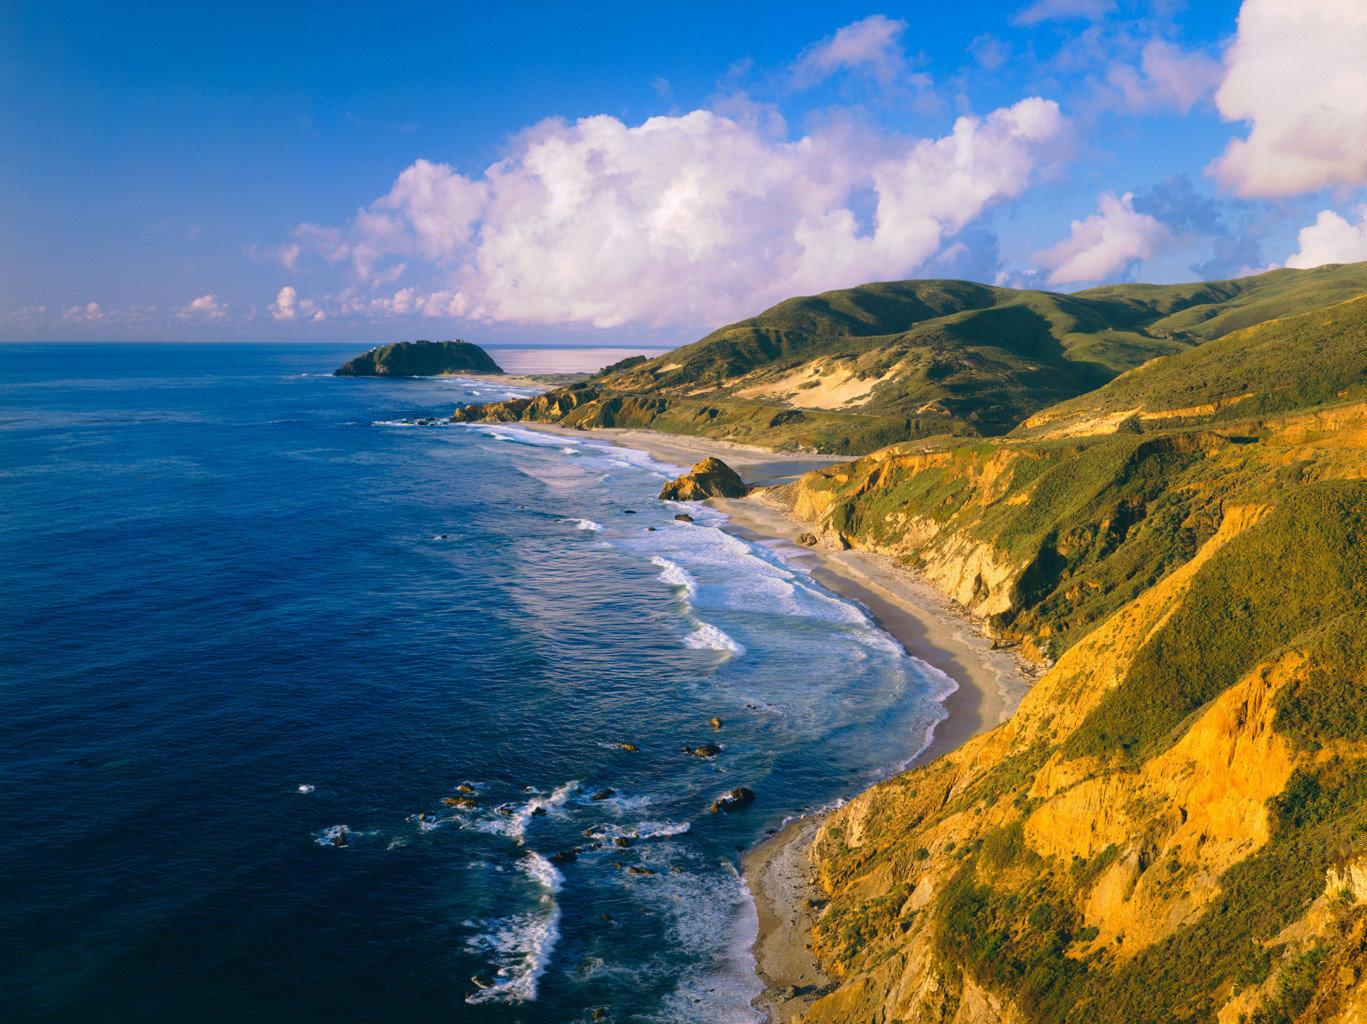 View of the Big Sur coastline